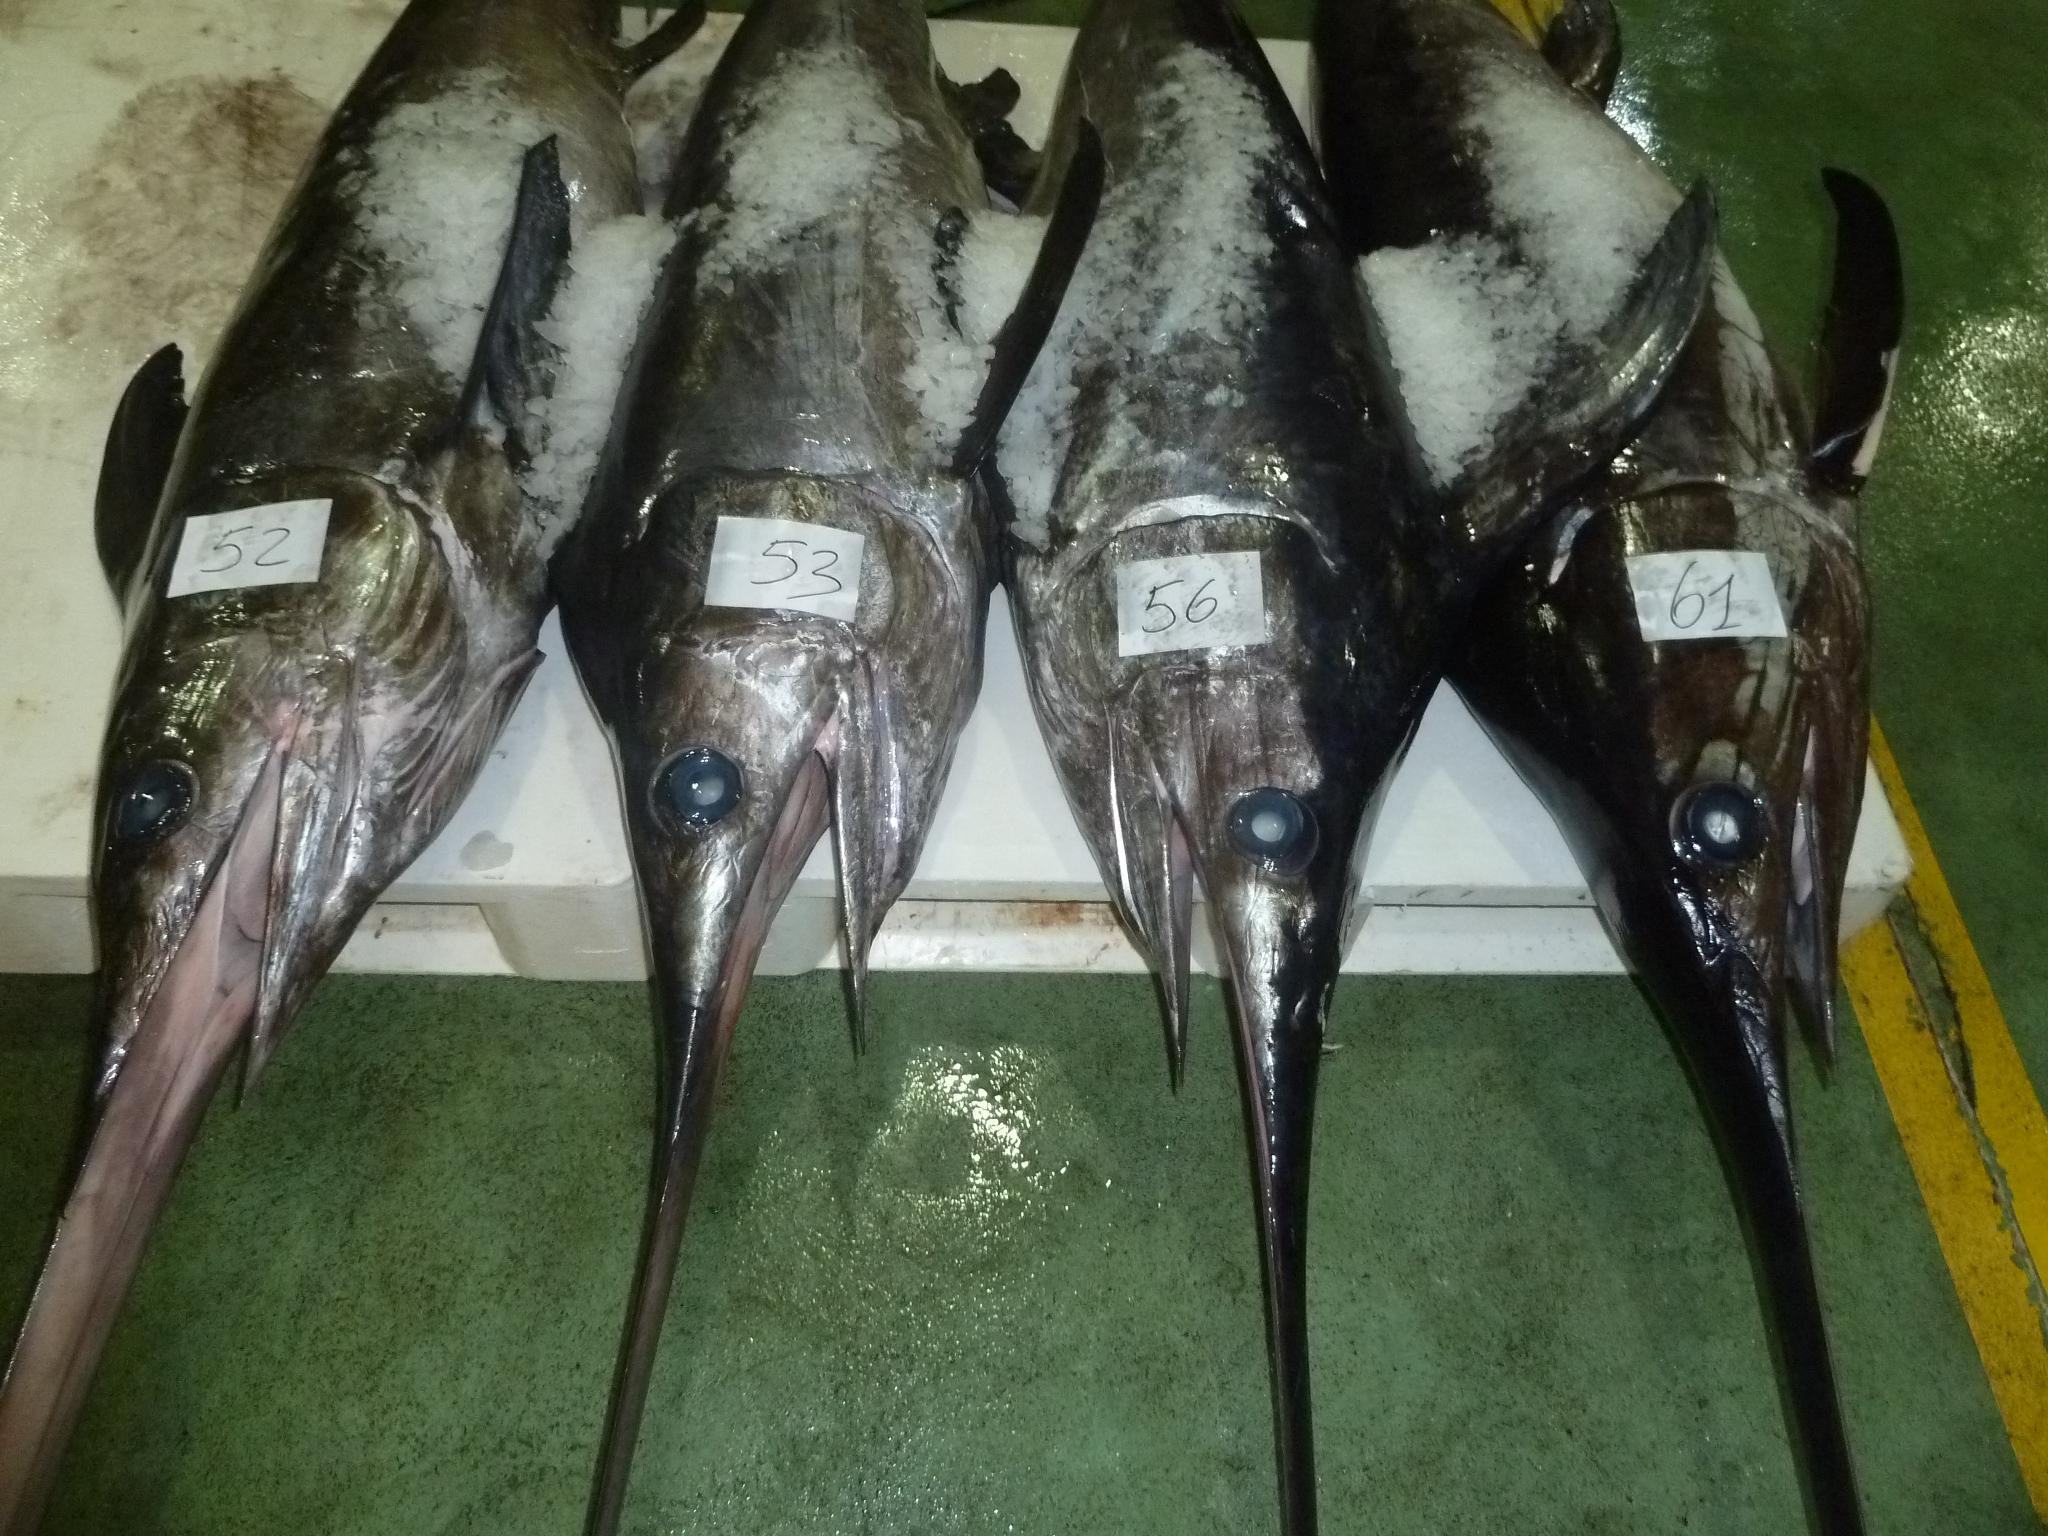 Vishandel op bezoek in vigo transfer lbc for Bureau zwaardvis